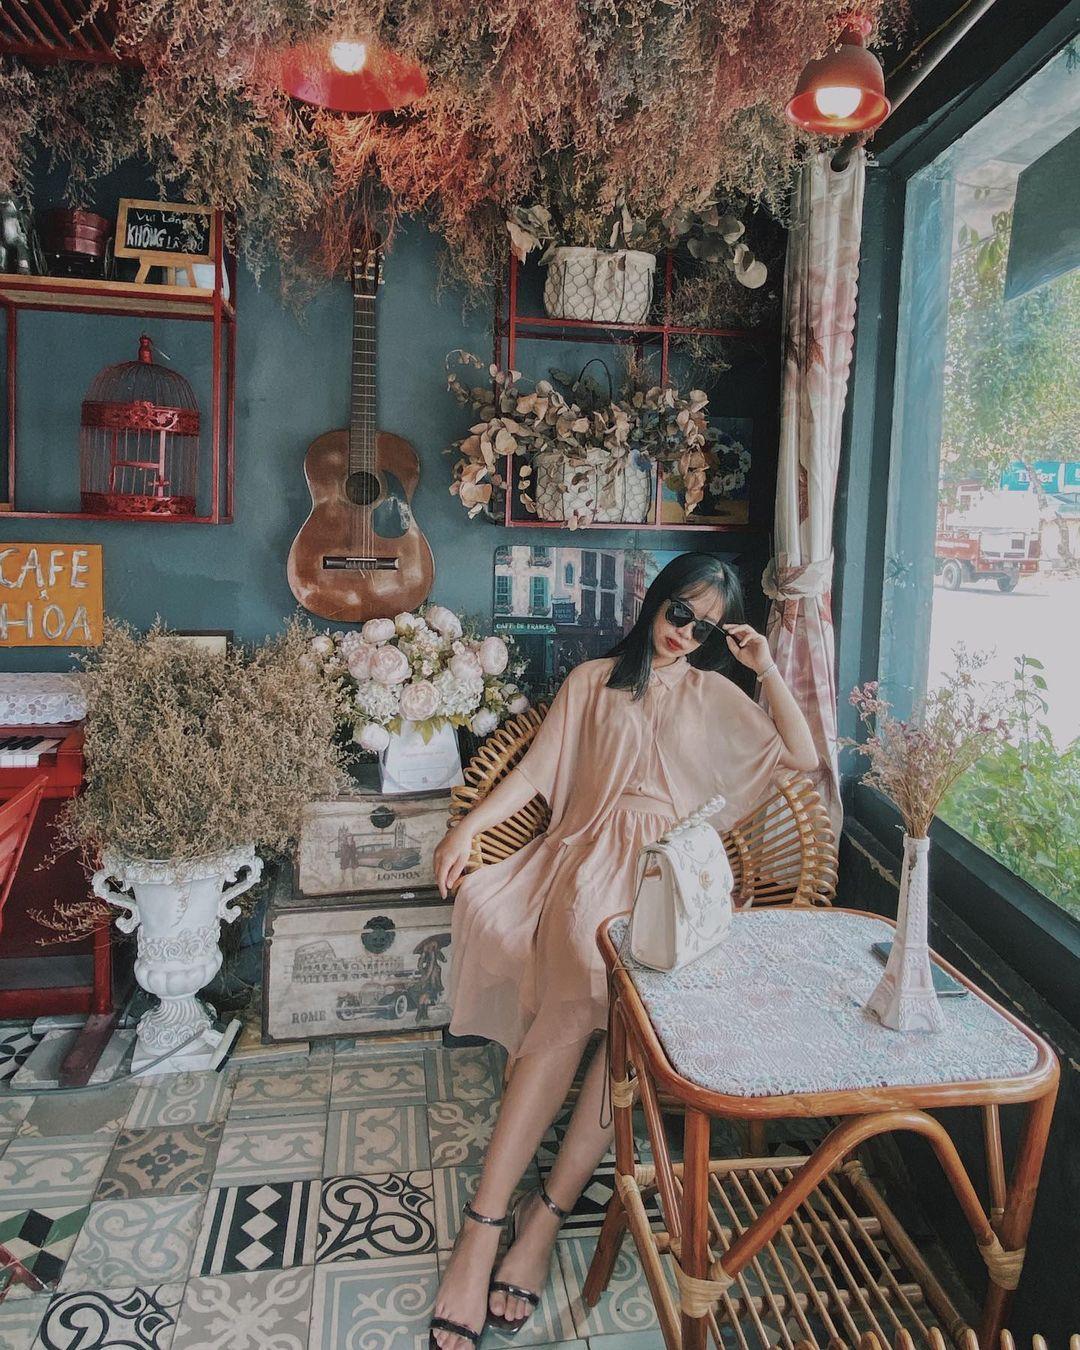 song ao o bonjour cafe the art